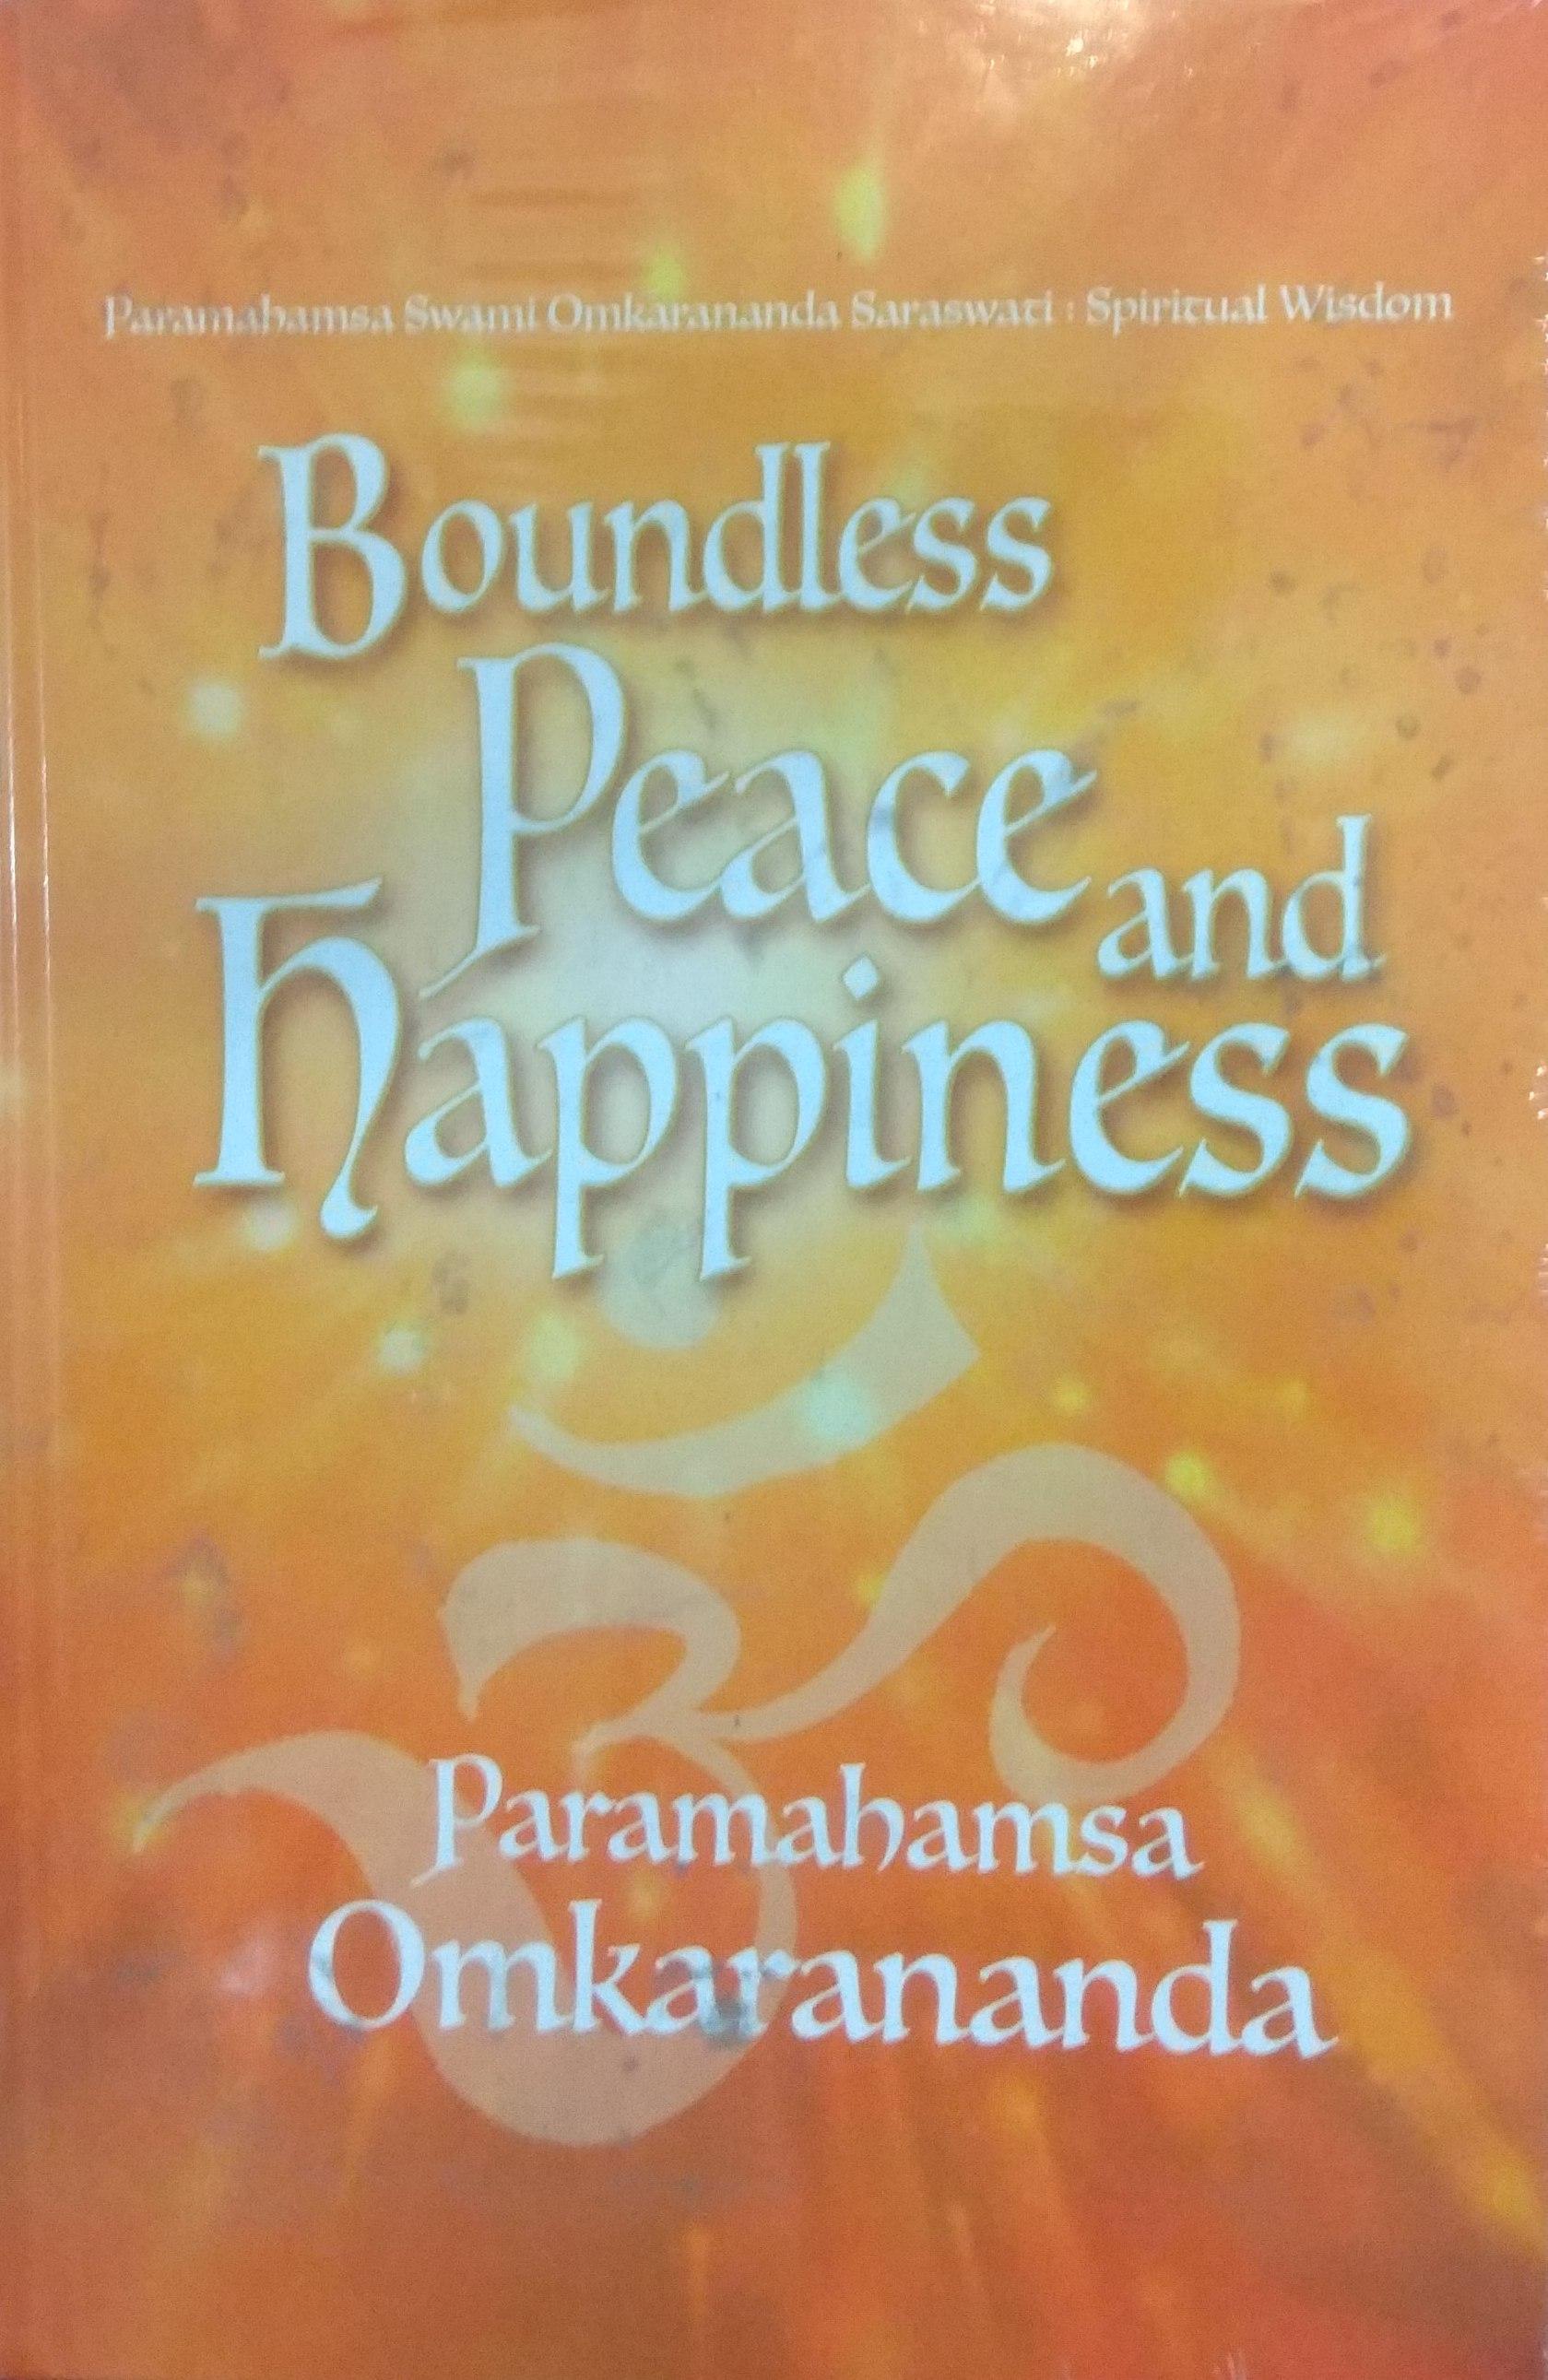 Boundless Peace and Happiness (Paramahamsa Omkaran…